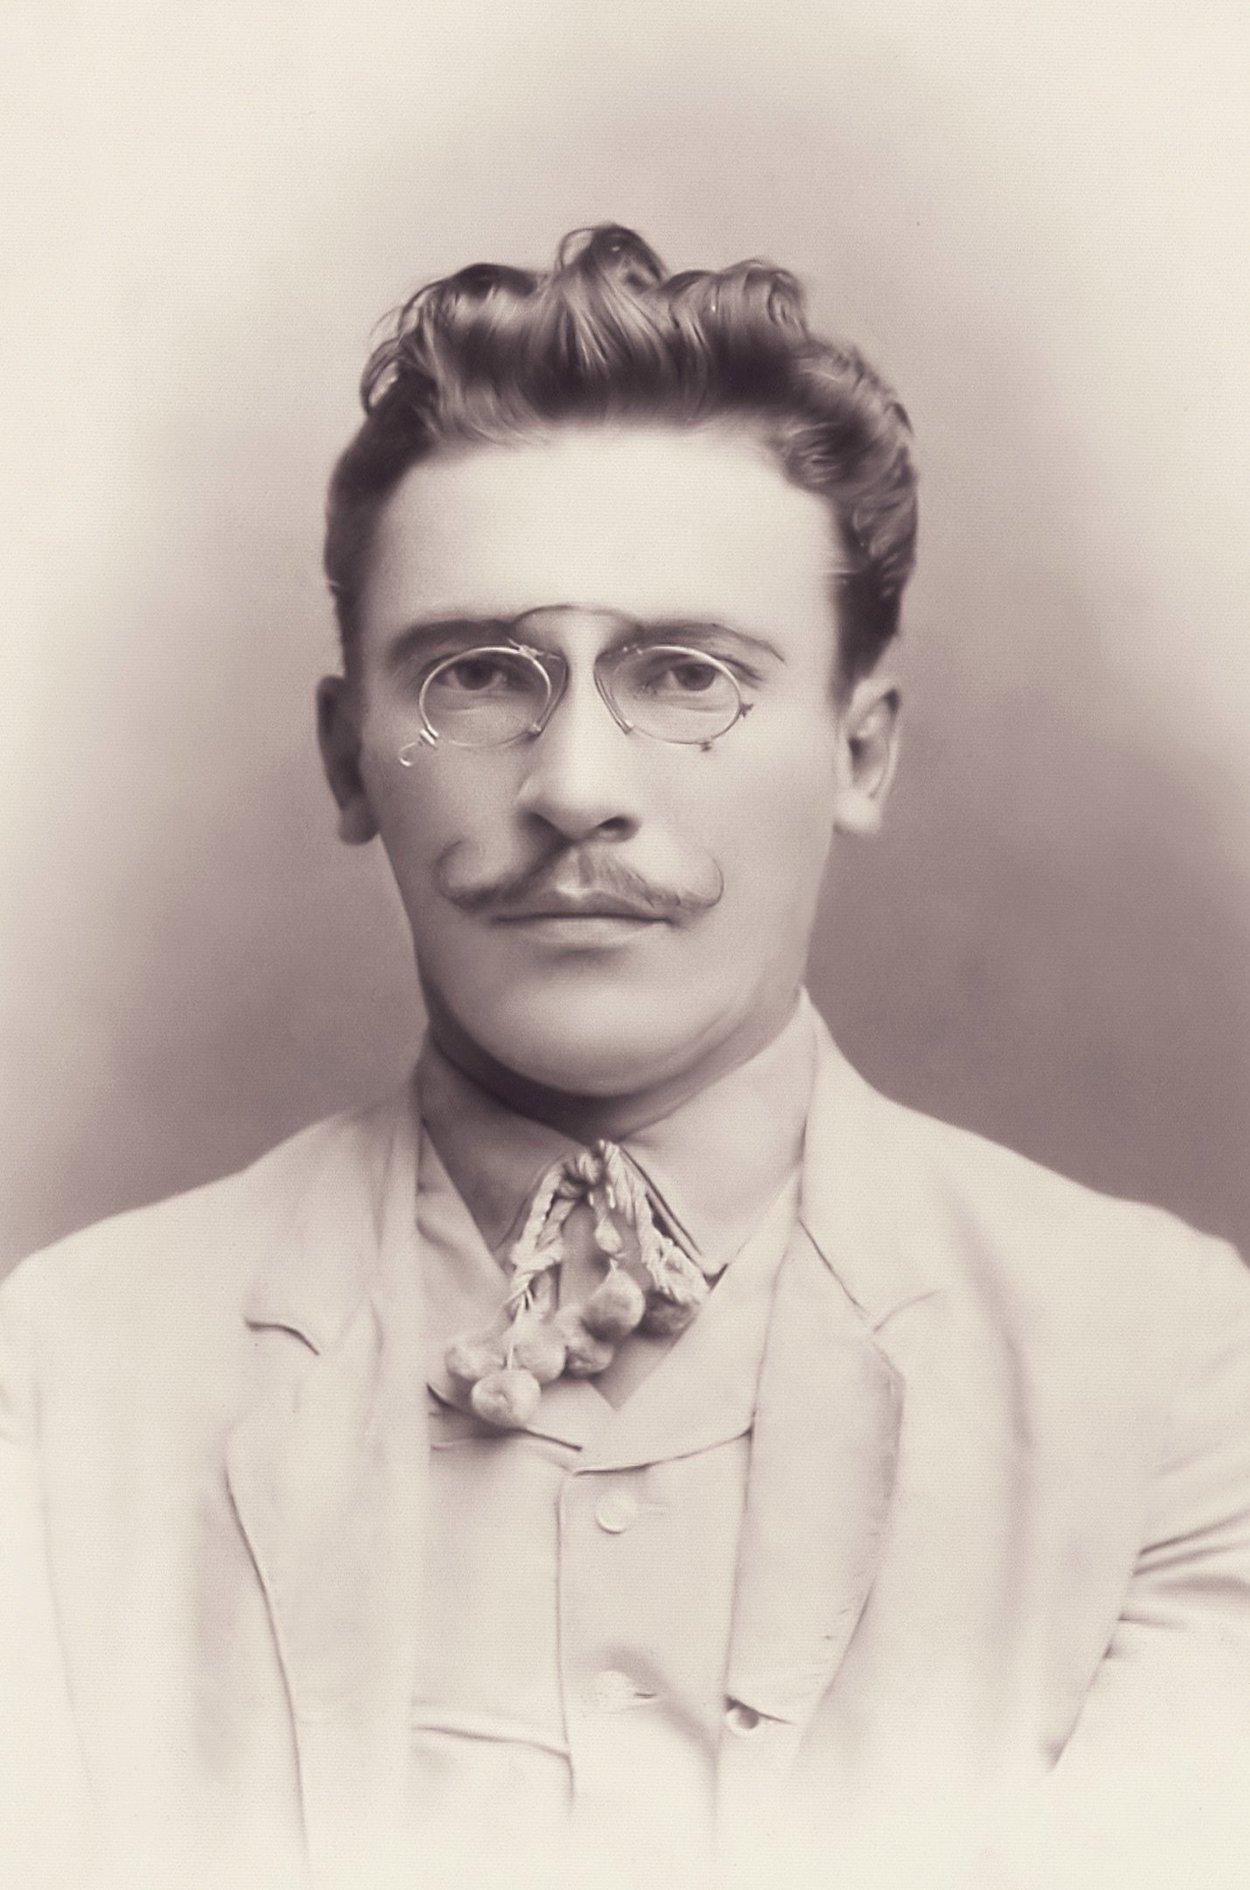 Транцеев Сергей Алекандрович (1881-1942), 1907, Киев РГИА